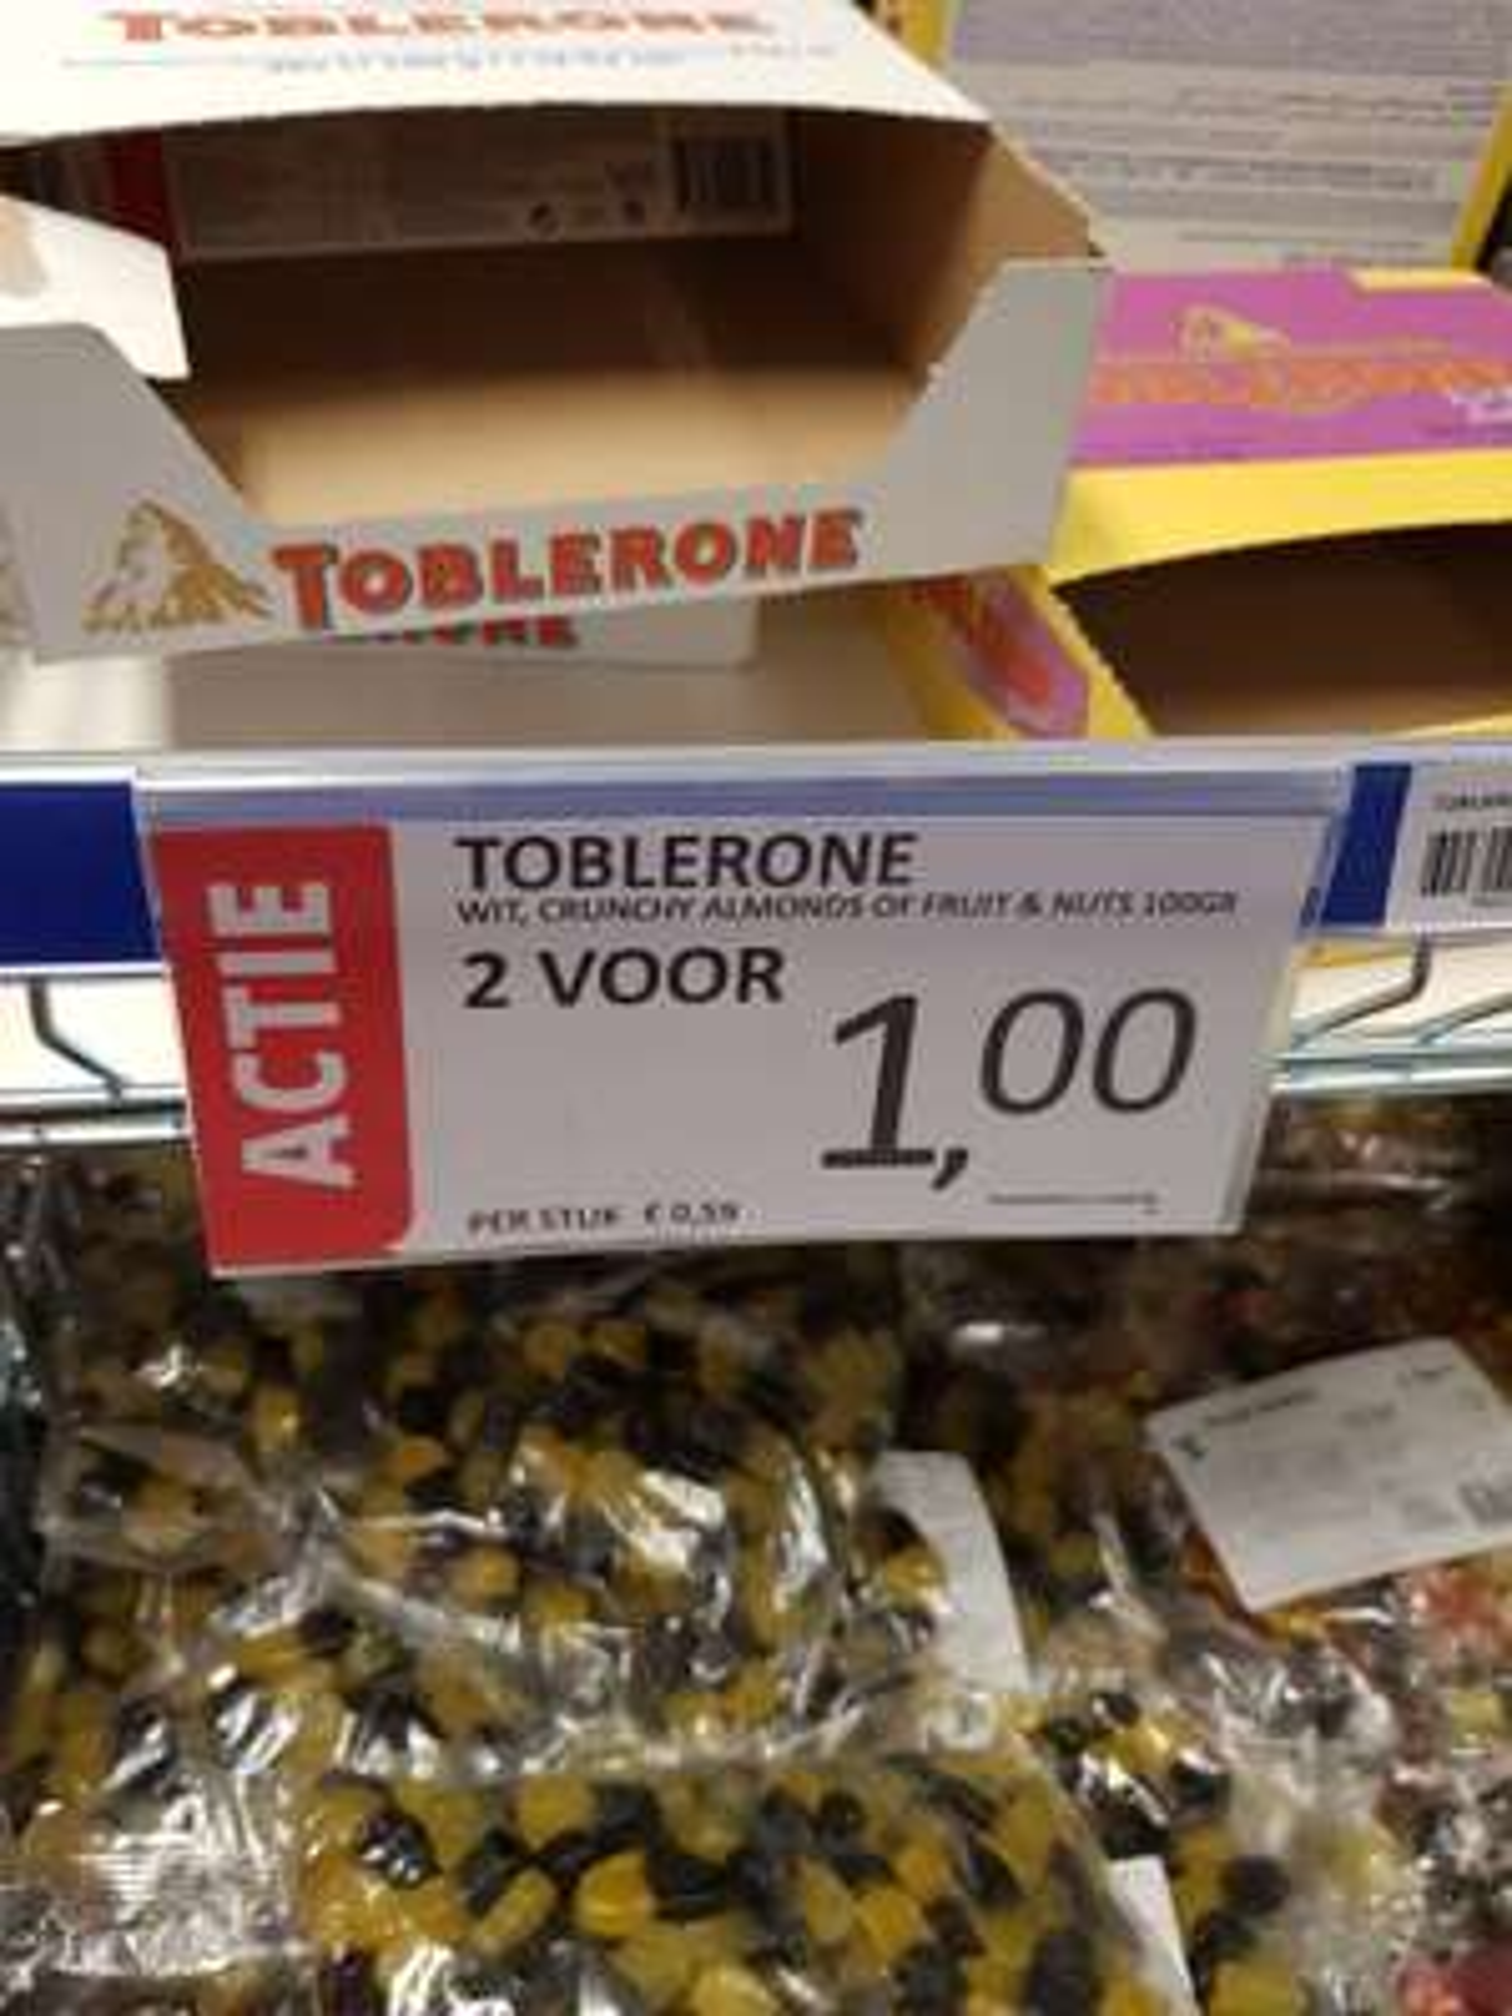 Toblerone 2 x 100g = €1 (die grenze)